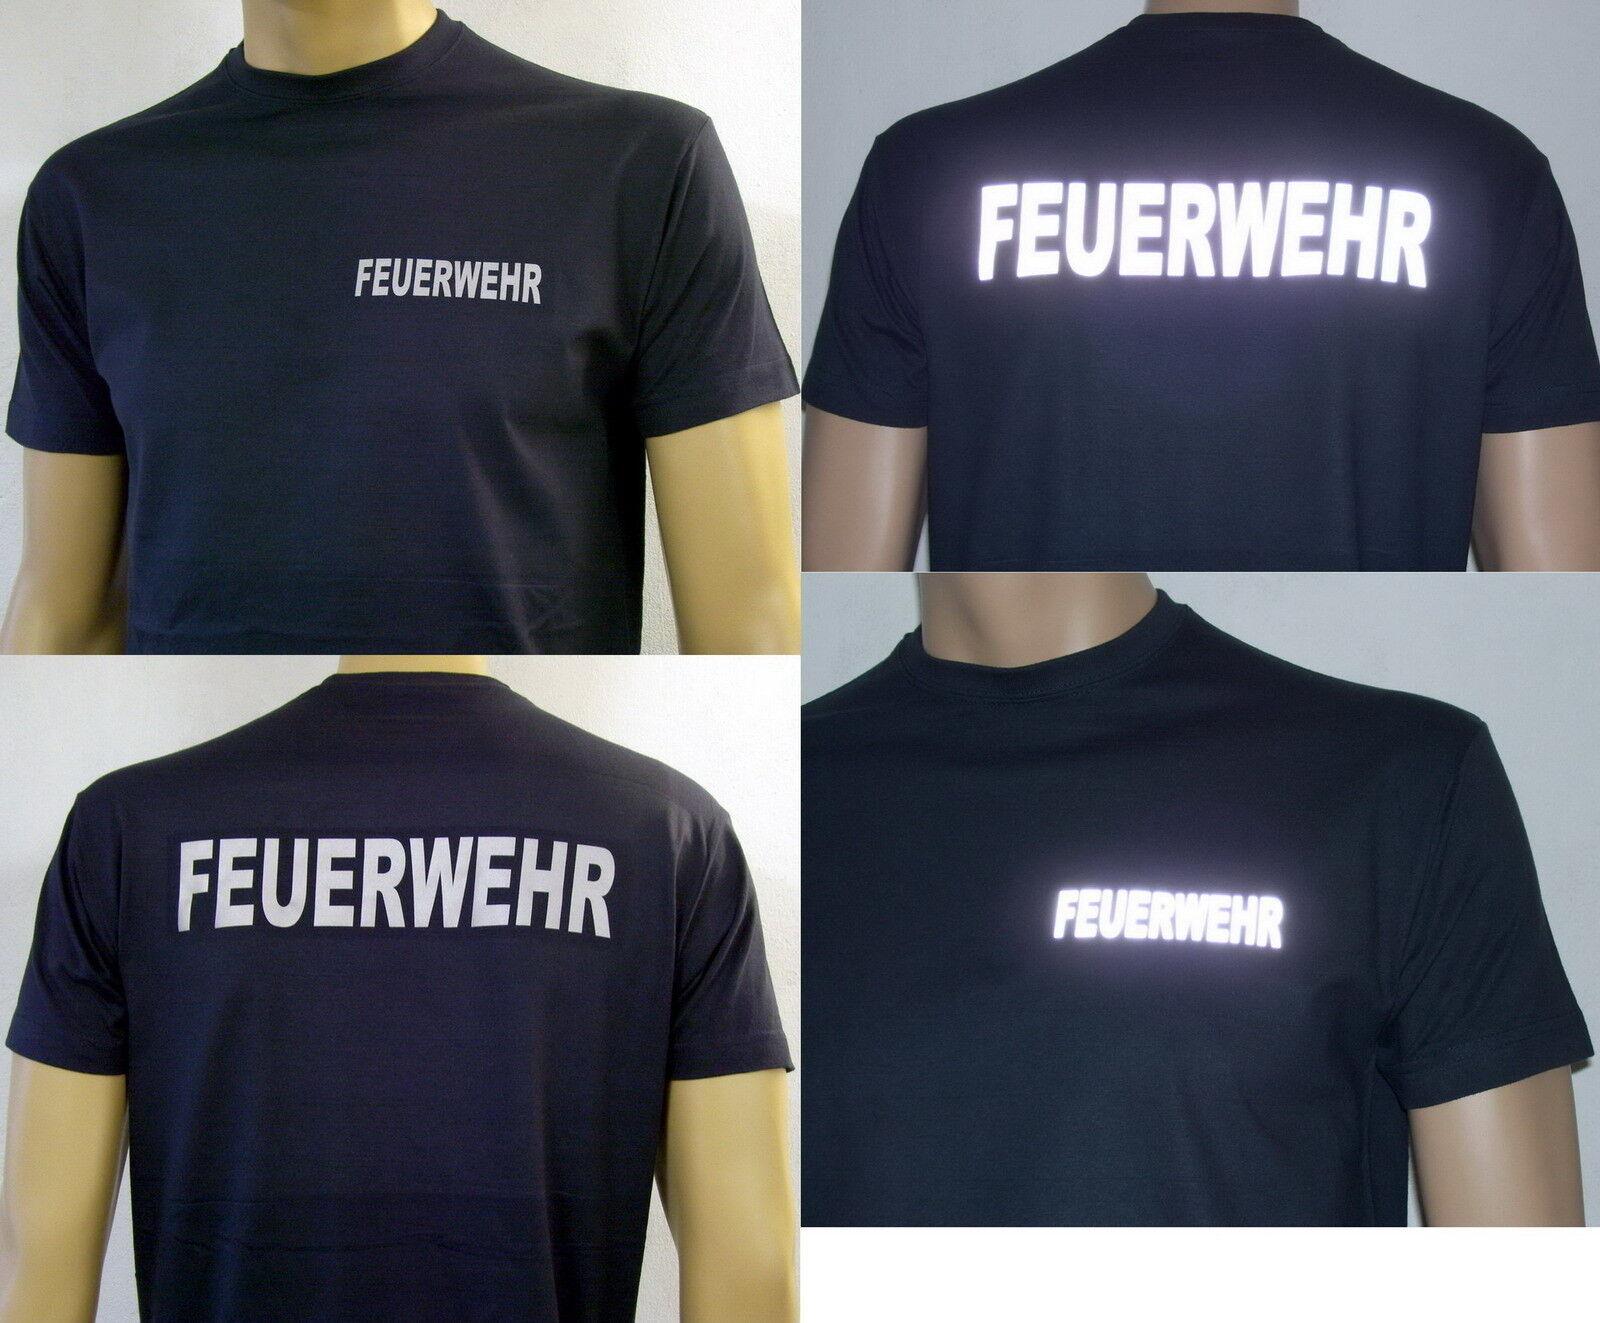 FEUERWEHR T-Shirt in marineblau / FW-gerade silberreflex, Herren-Größe S bis 4XL